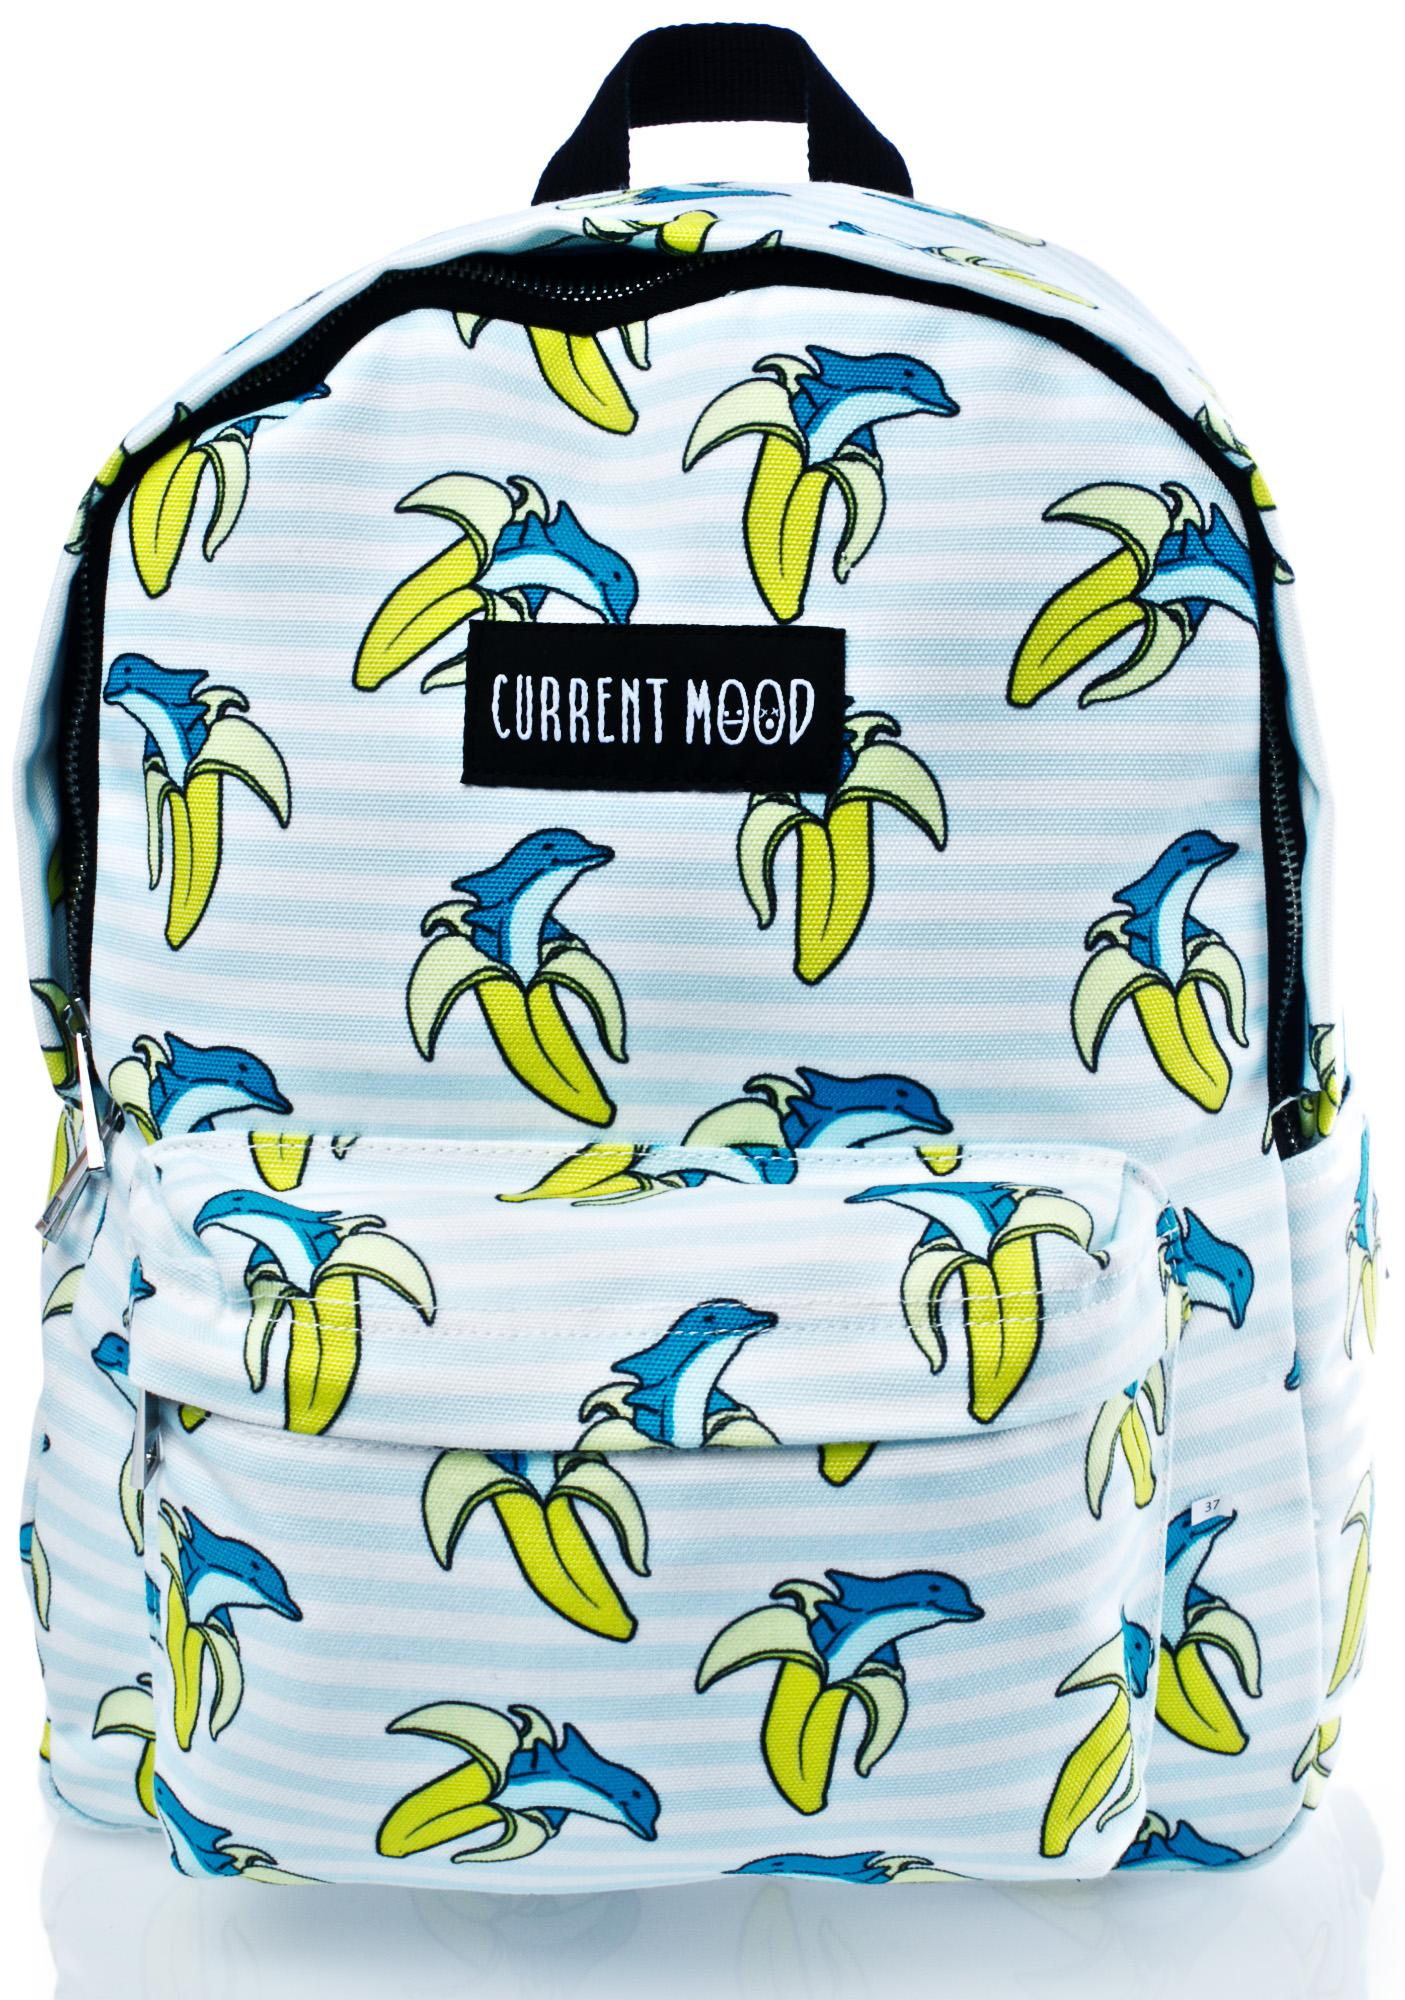 Current Mood Flipper Fruit Backpack